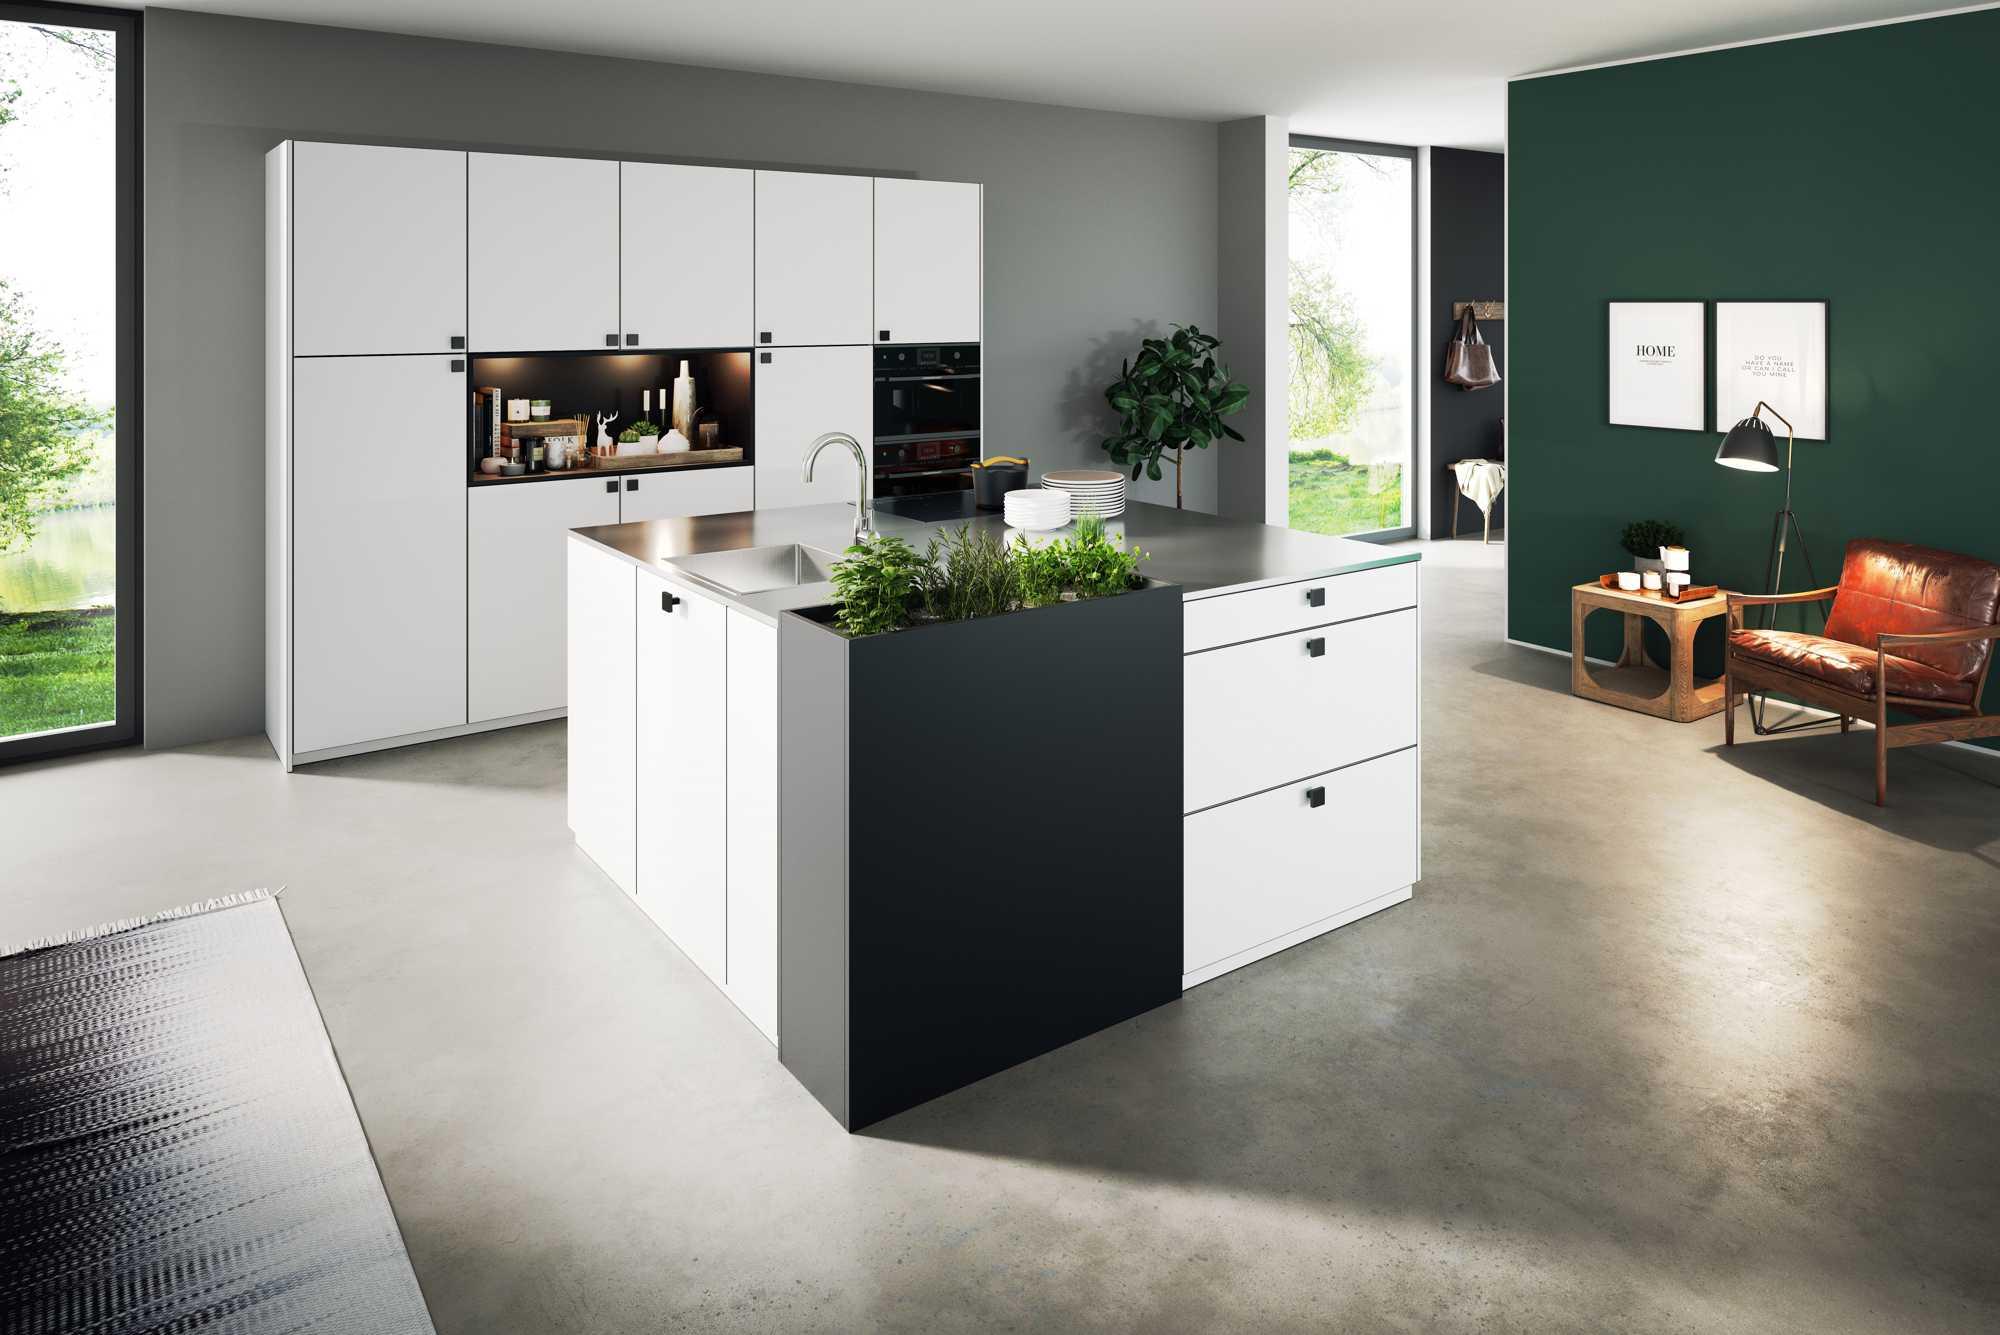 Zerox Snow German Rotpunkt Kitchen With a Stunning Island